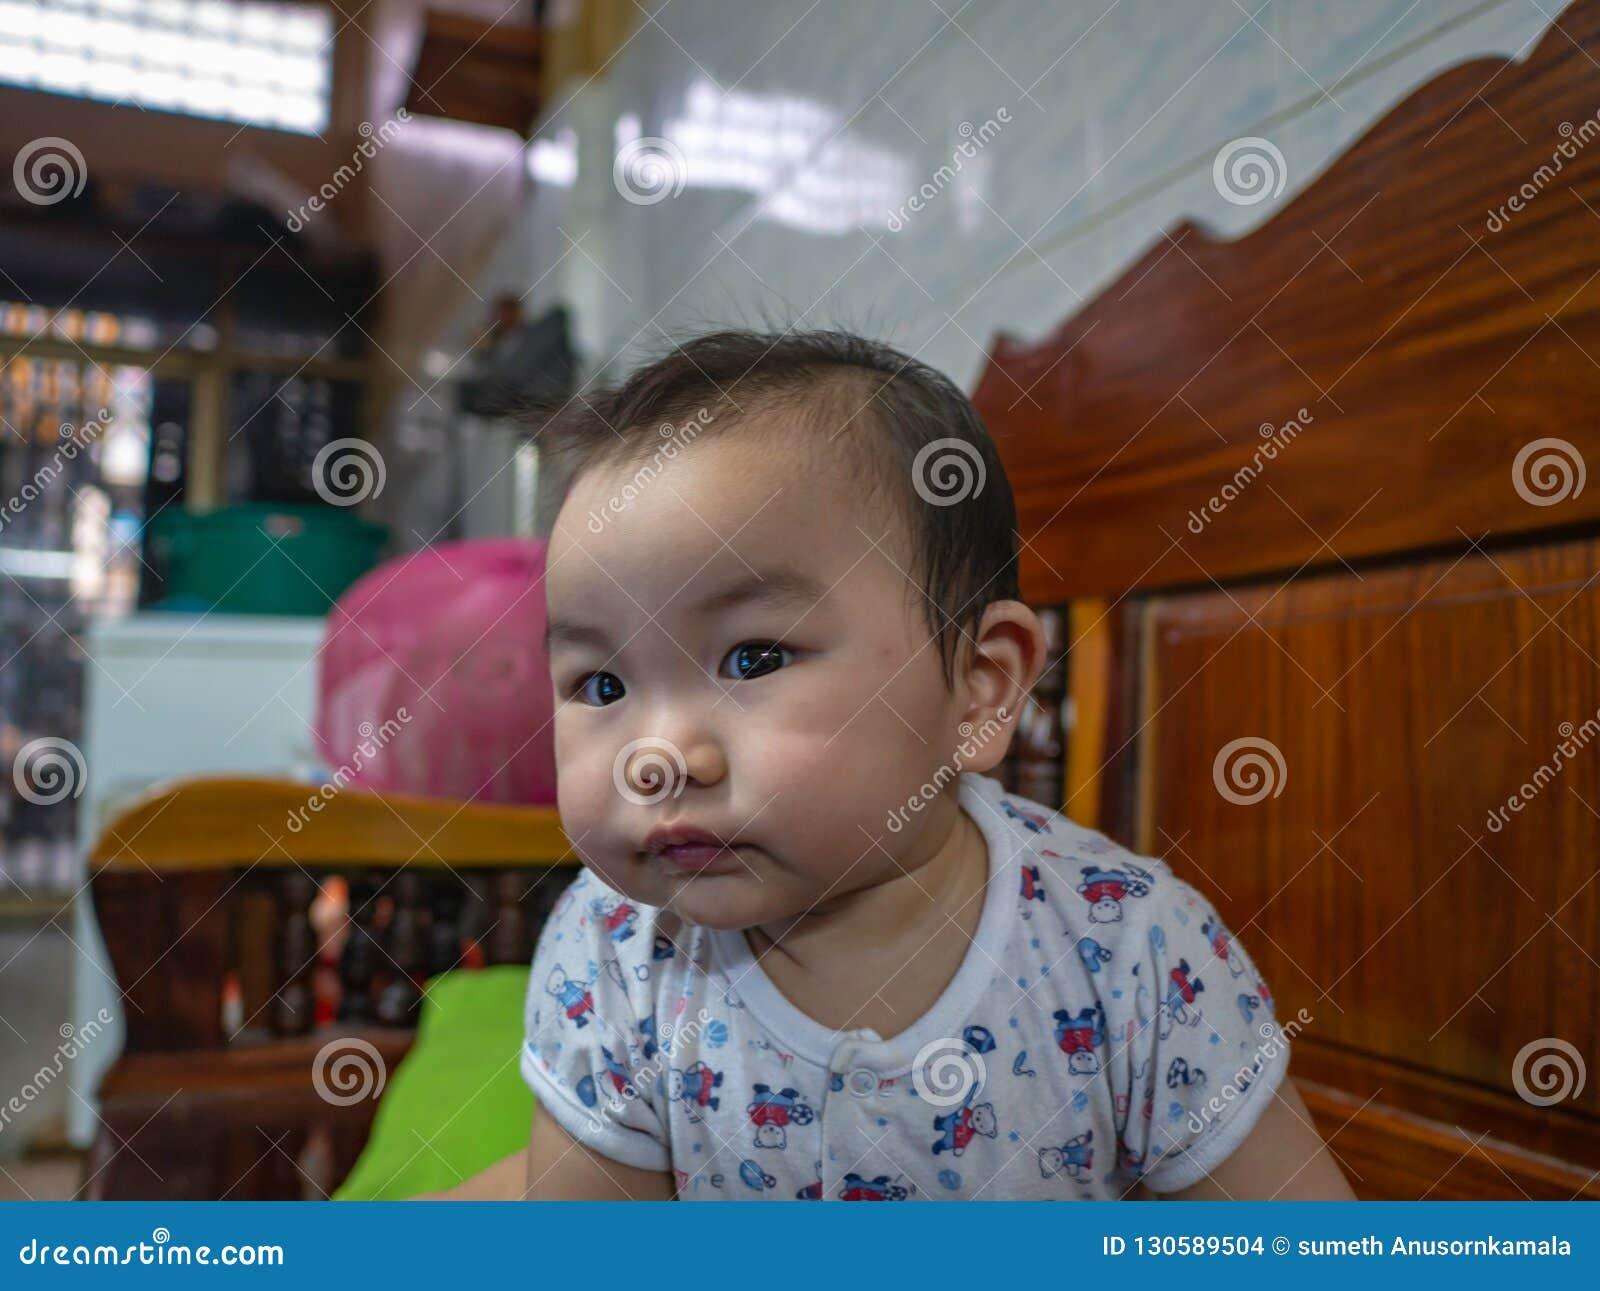 Cutie et bébé ou nourrisson asiatique beau de garçon